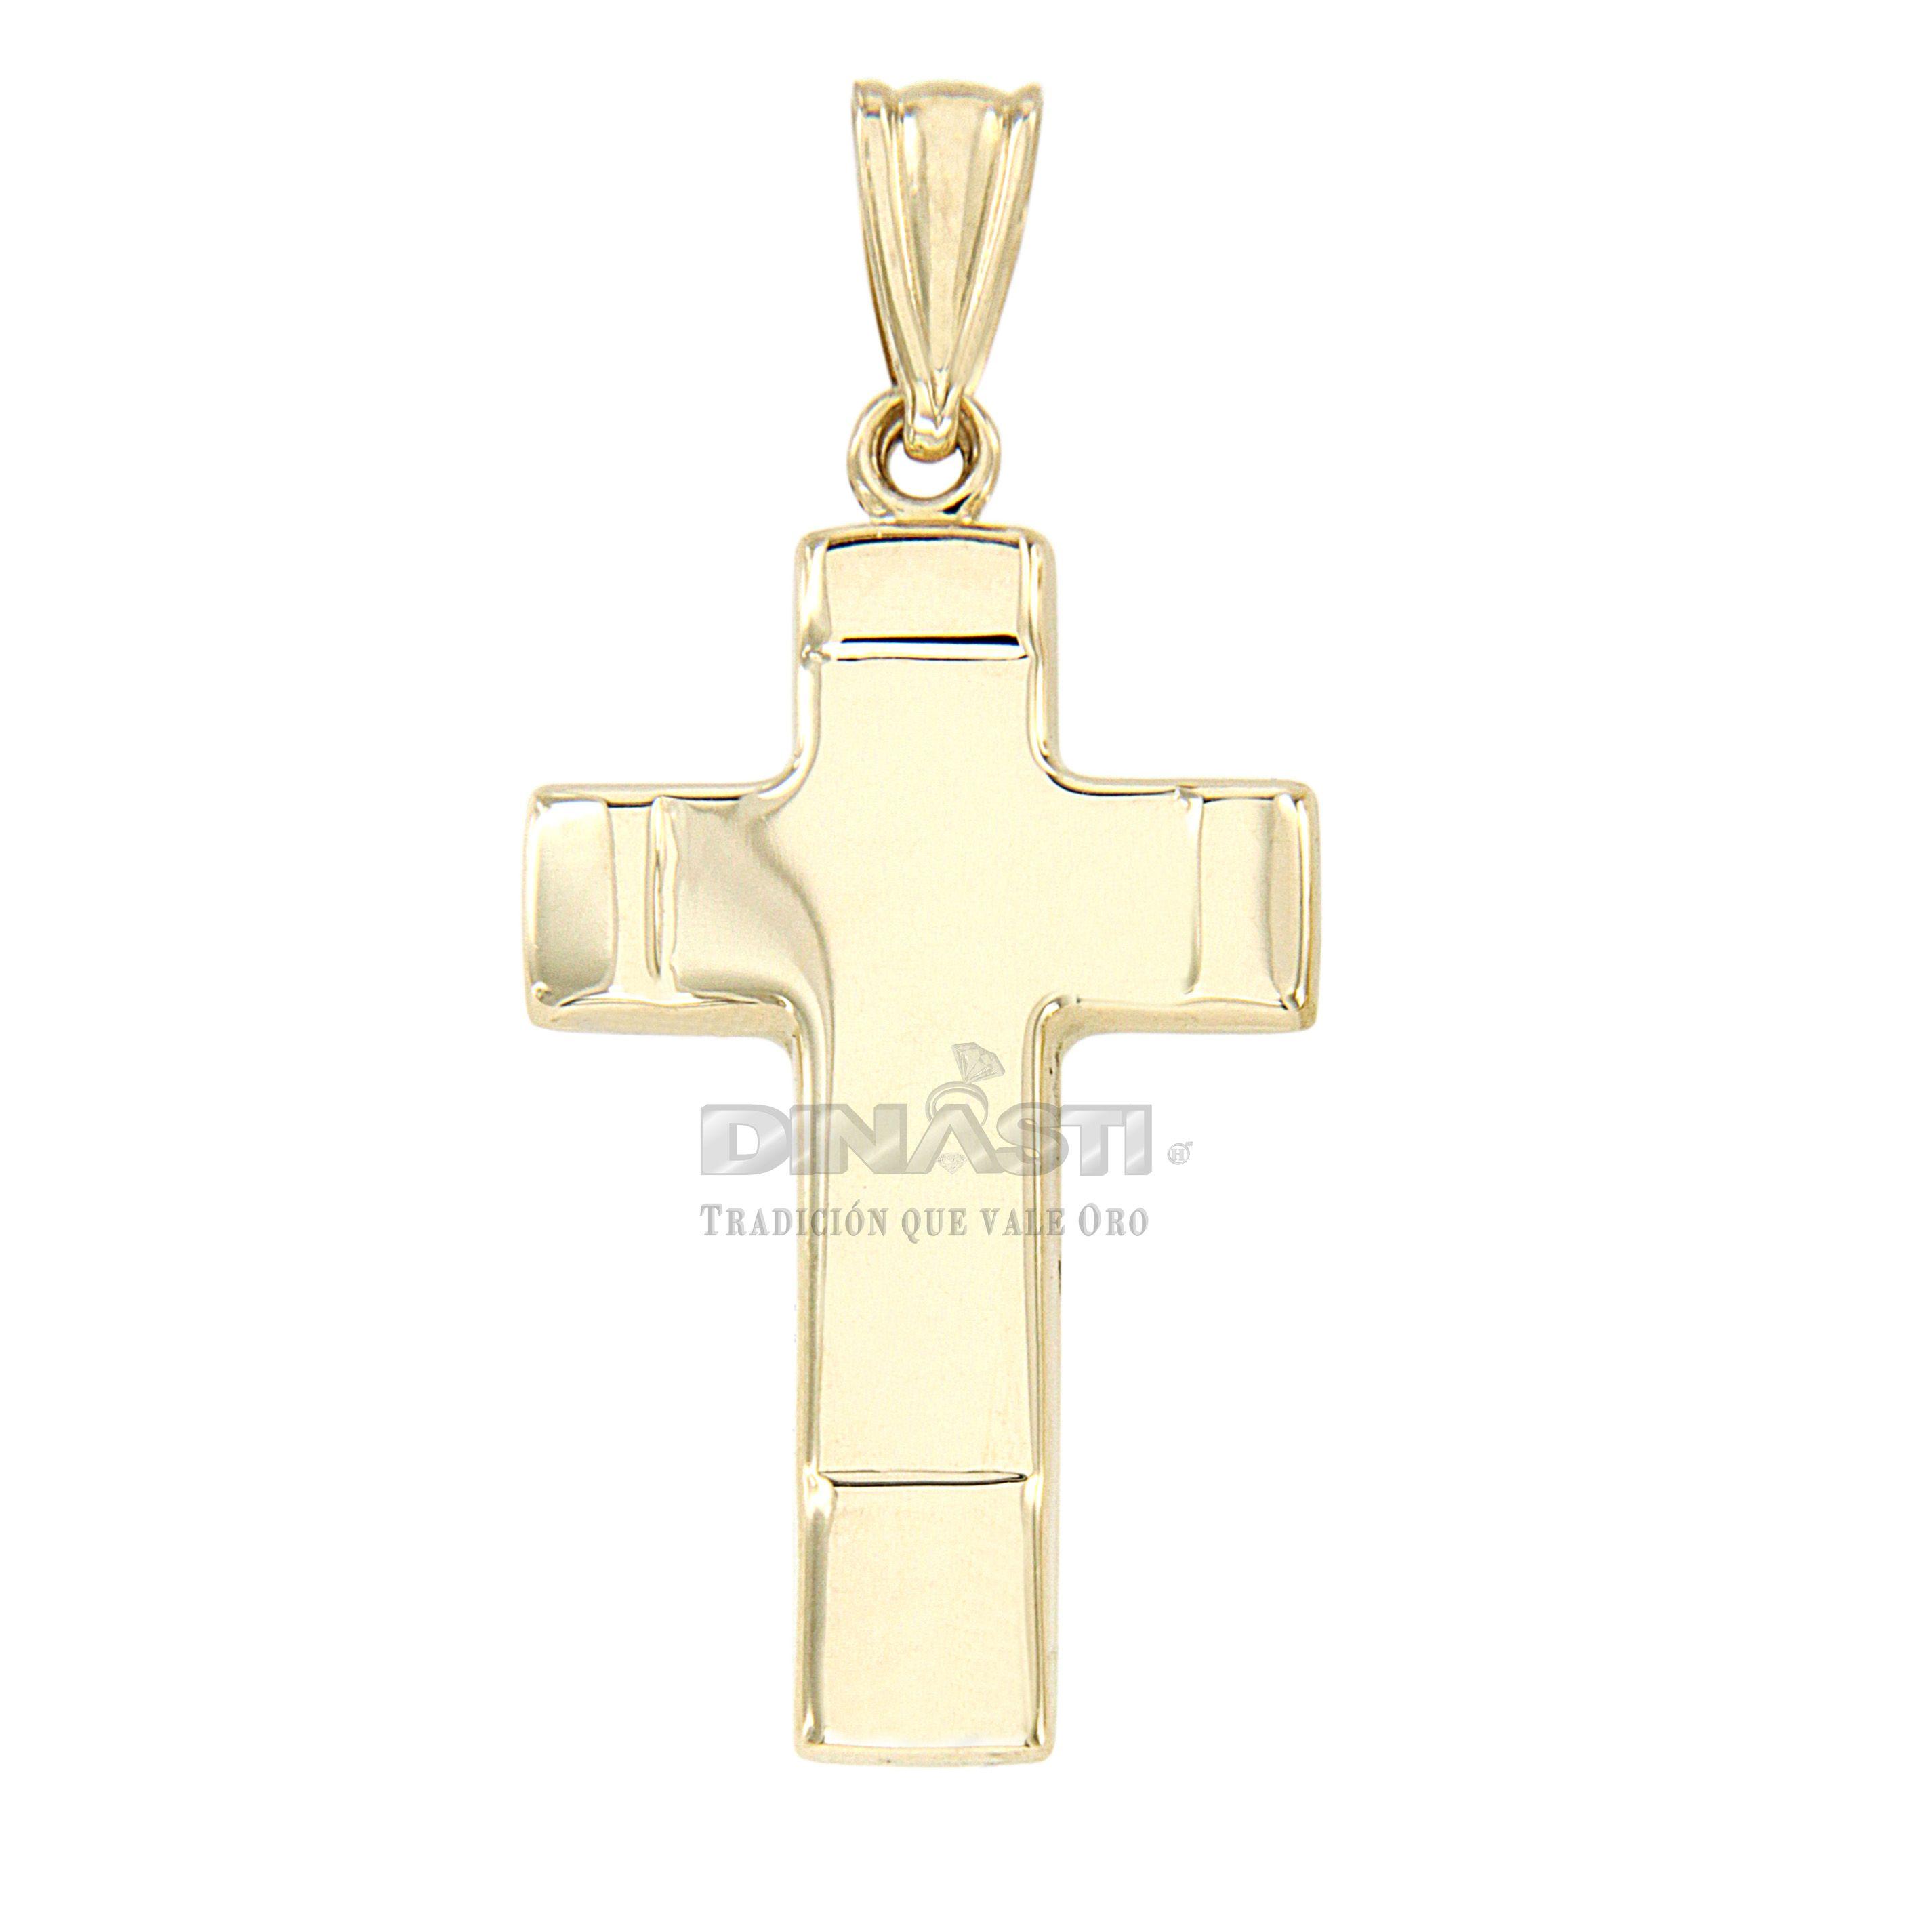 SKU 0006 CRUZ CUADRADA ORO AMARILLO LIZA EN LA SUPERFICIE Y PUNTAS LISAS ventas@dinasti.com #ReligiousCharm #fashion #jewelry #Cristosdeoro #cristos #cruces #articulosreligiosos #dijesreligiosos